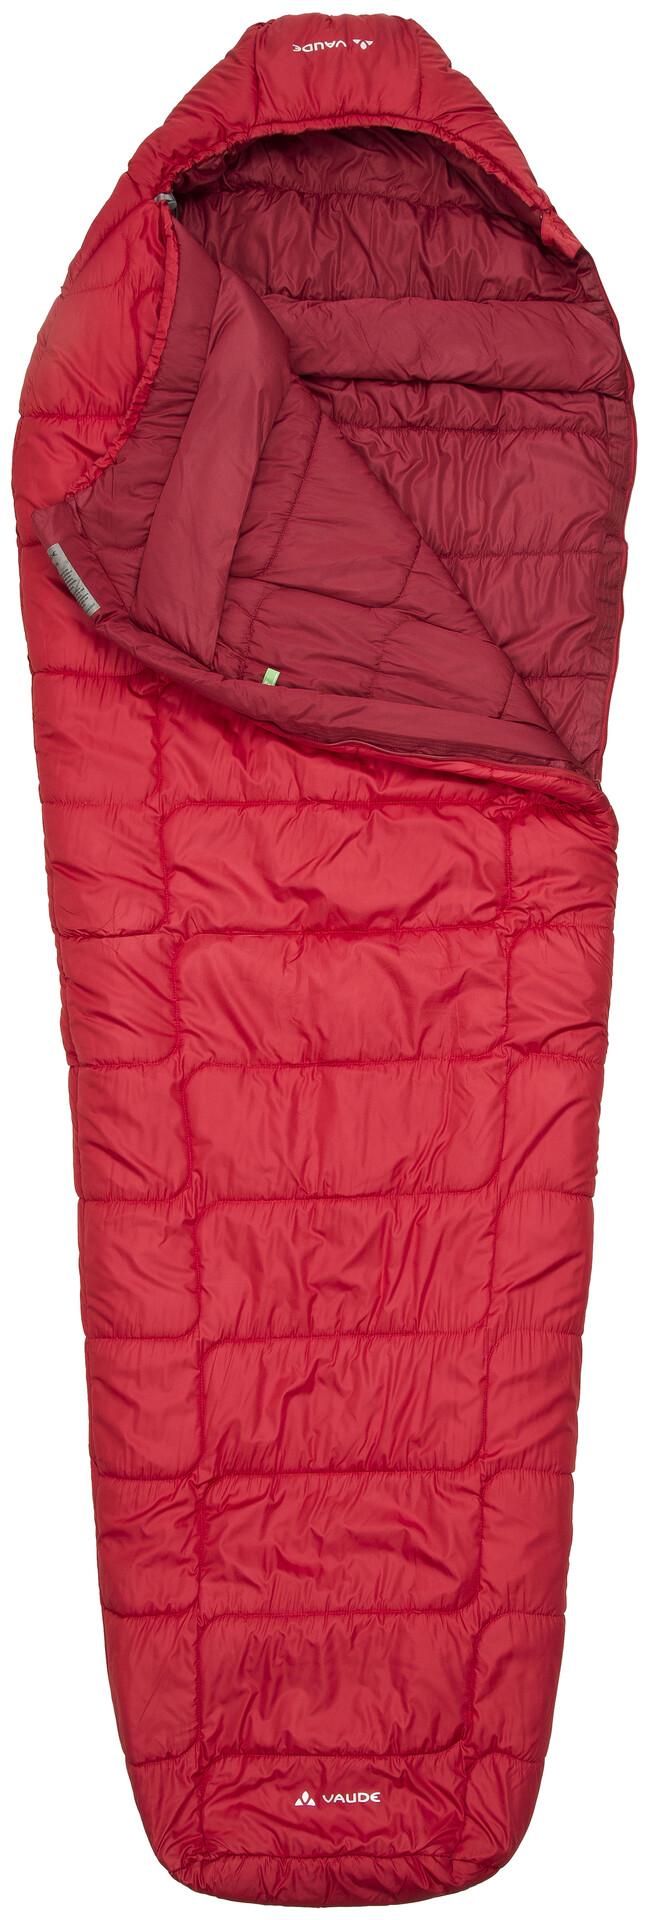 Dark Red Vaude Sac de couchage momie Sioux 800 Syn Rouge gauche - 220 x 80 x 55 cm